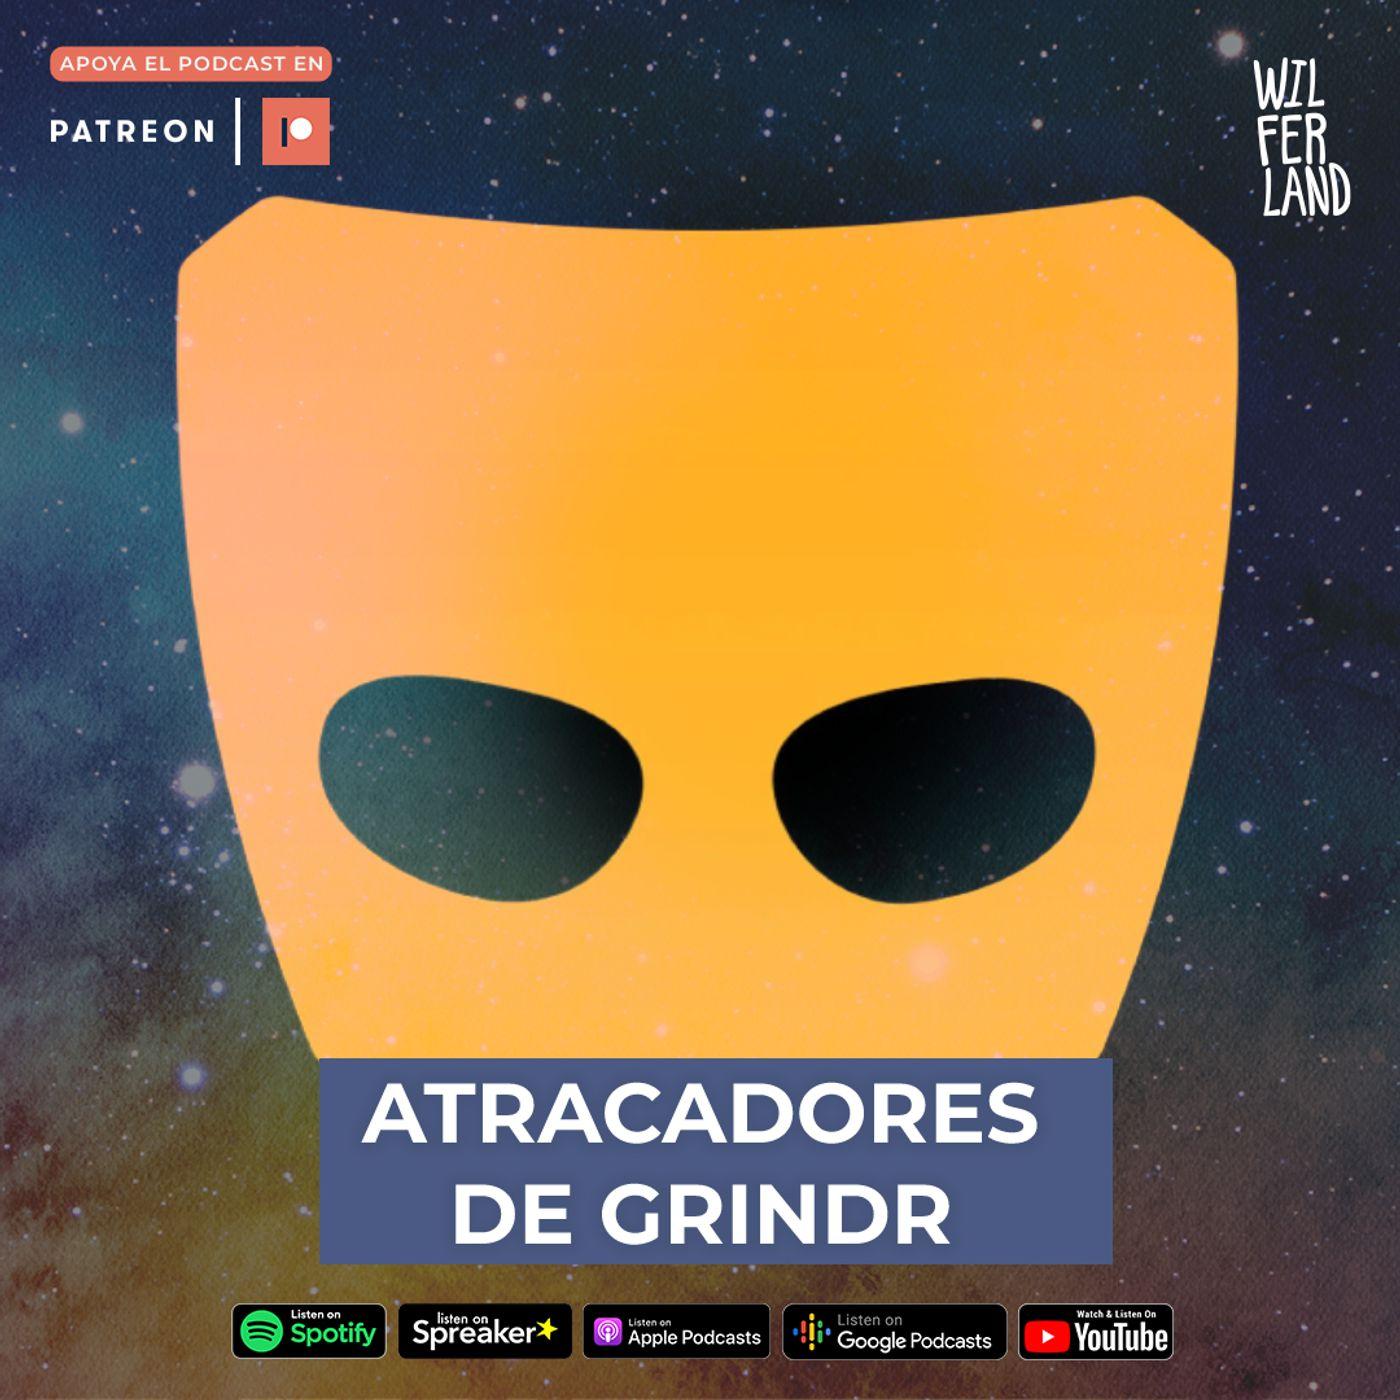 ATRACADORES DE GRINDR